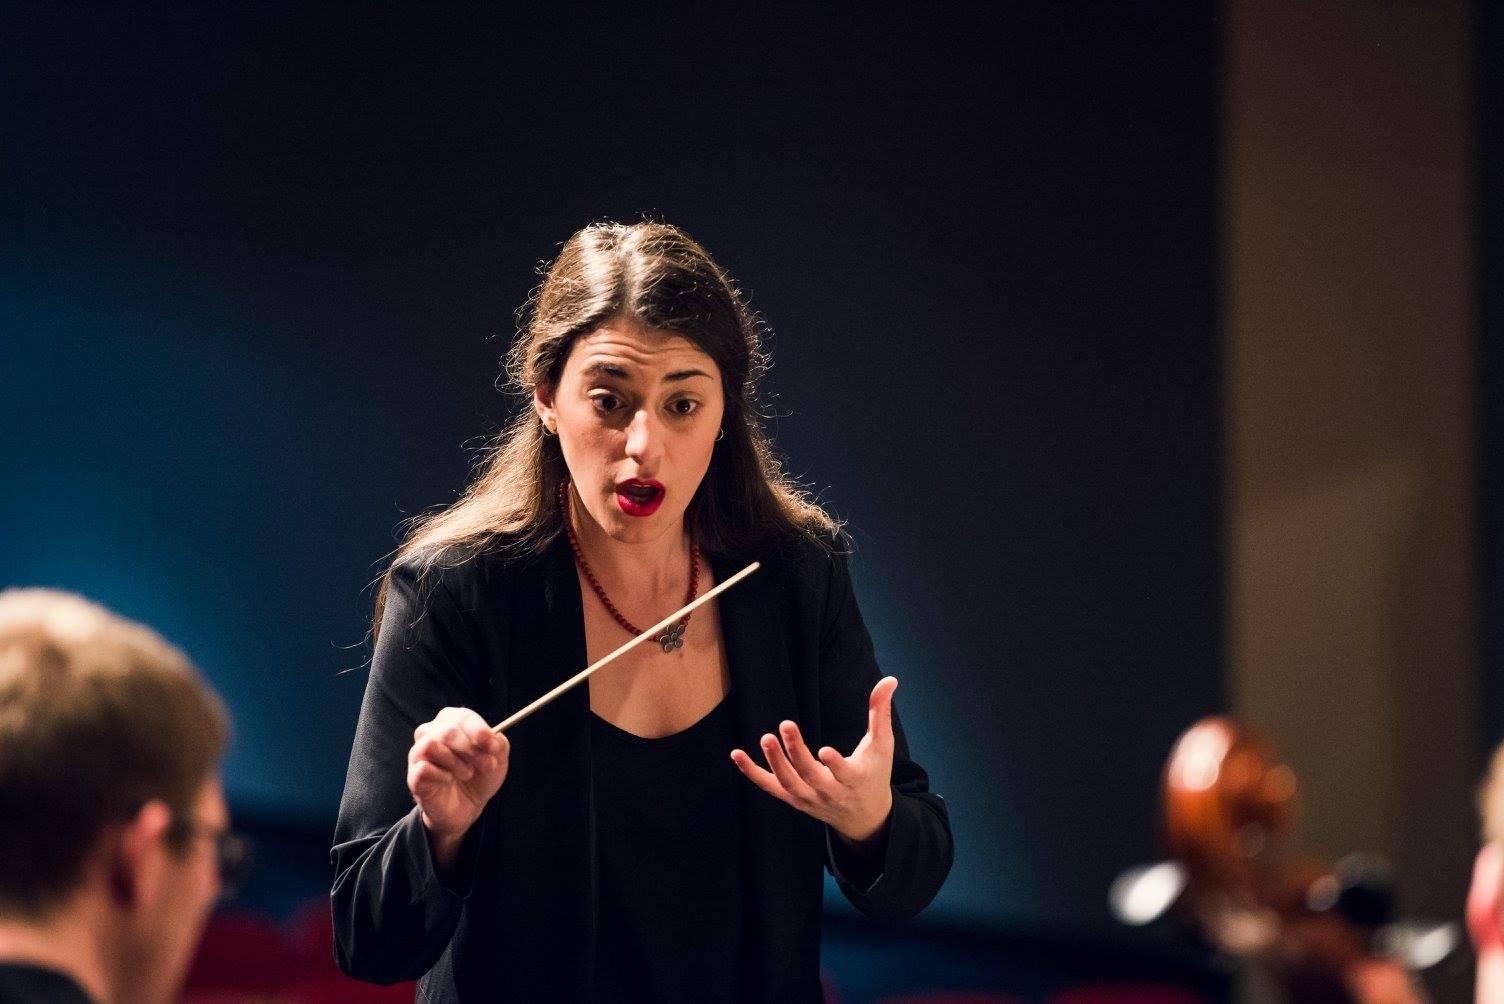 Αυτή είναι η Ελληνίδα μαέστρος Συμφωνικής Ορχήστρας στο Τέξας